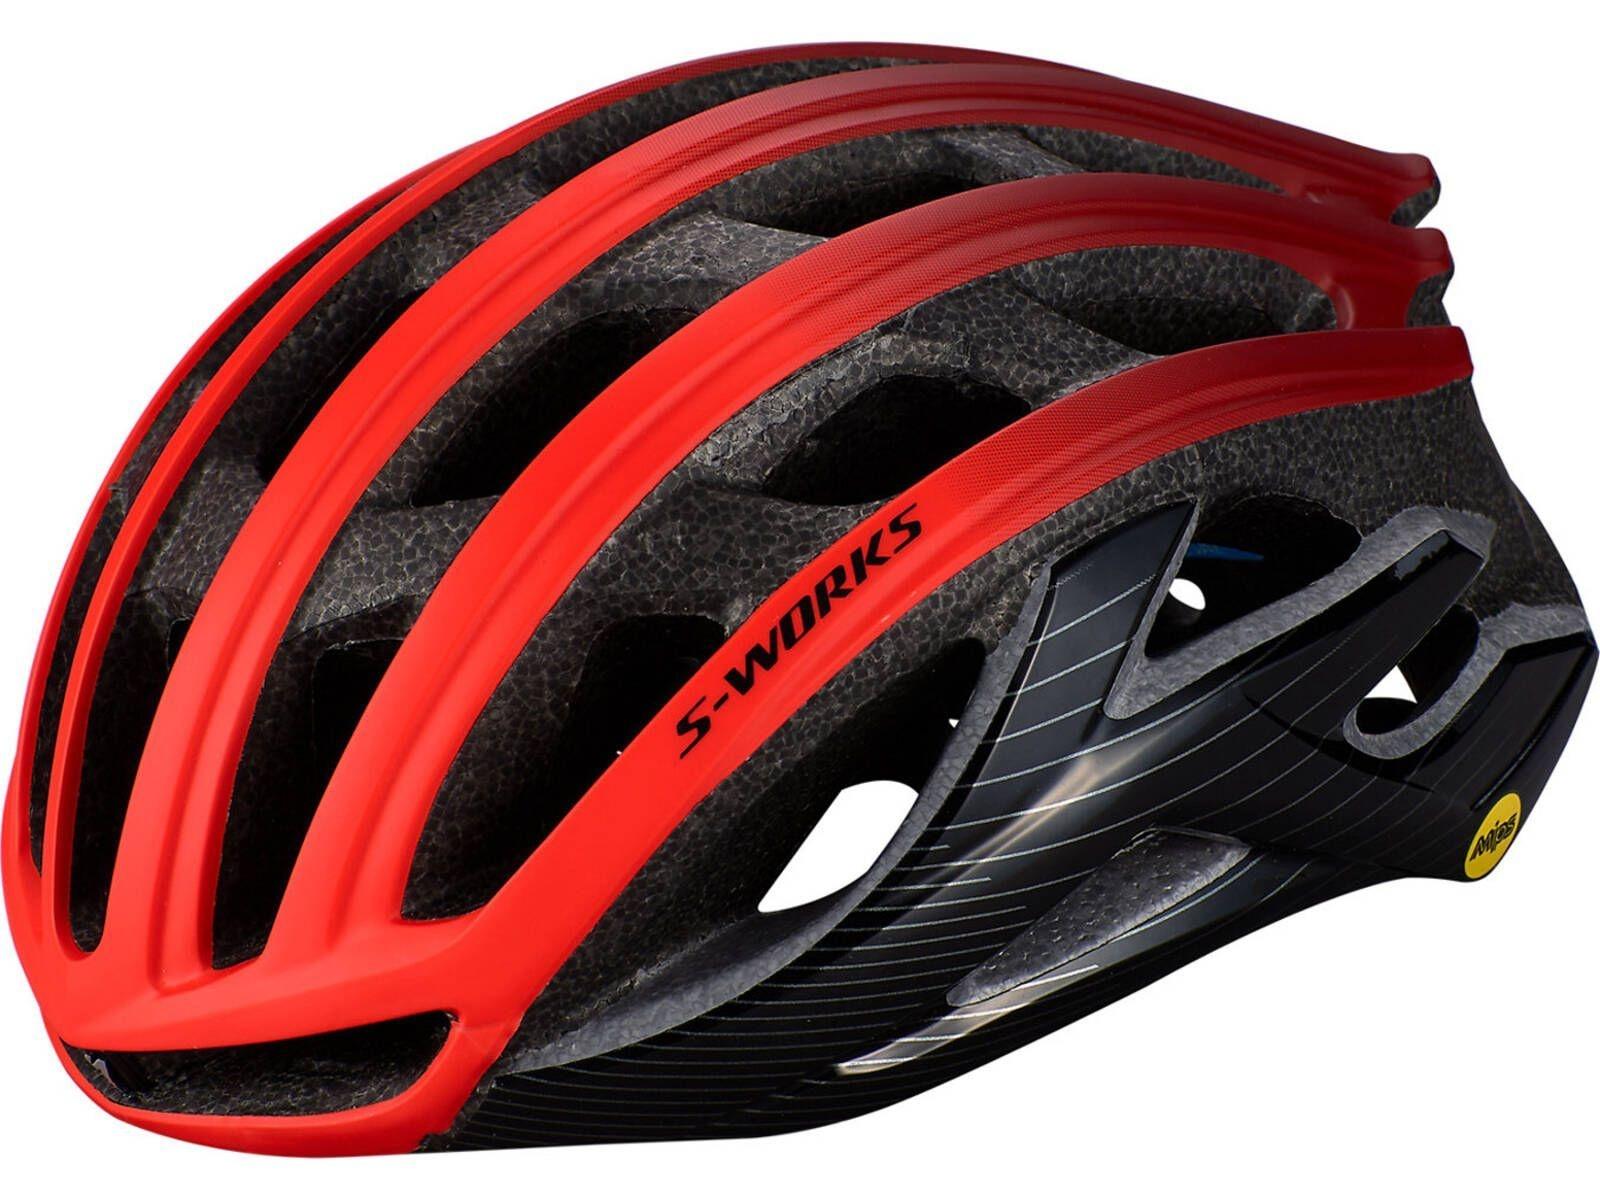 Køb Specialized S-Works Prevail II ANGI READY cykelhjelm – Sort/Rød